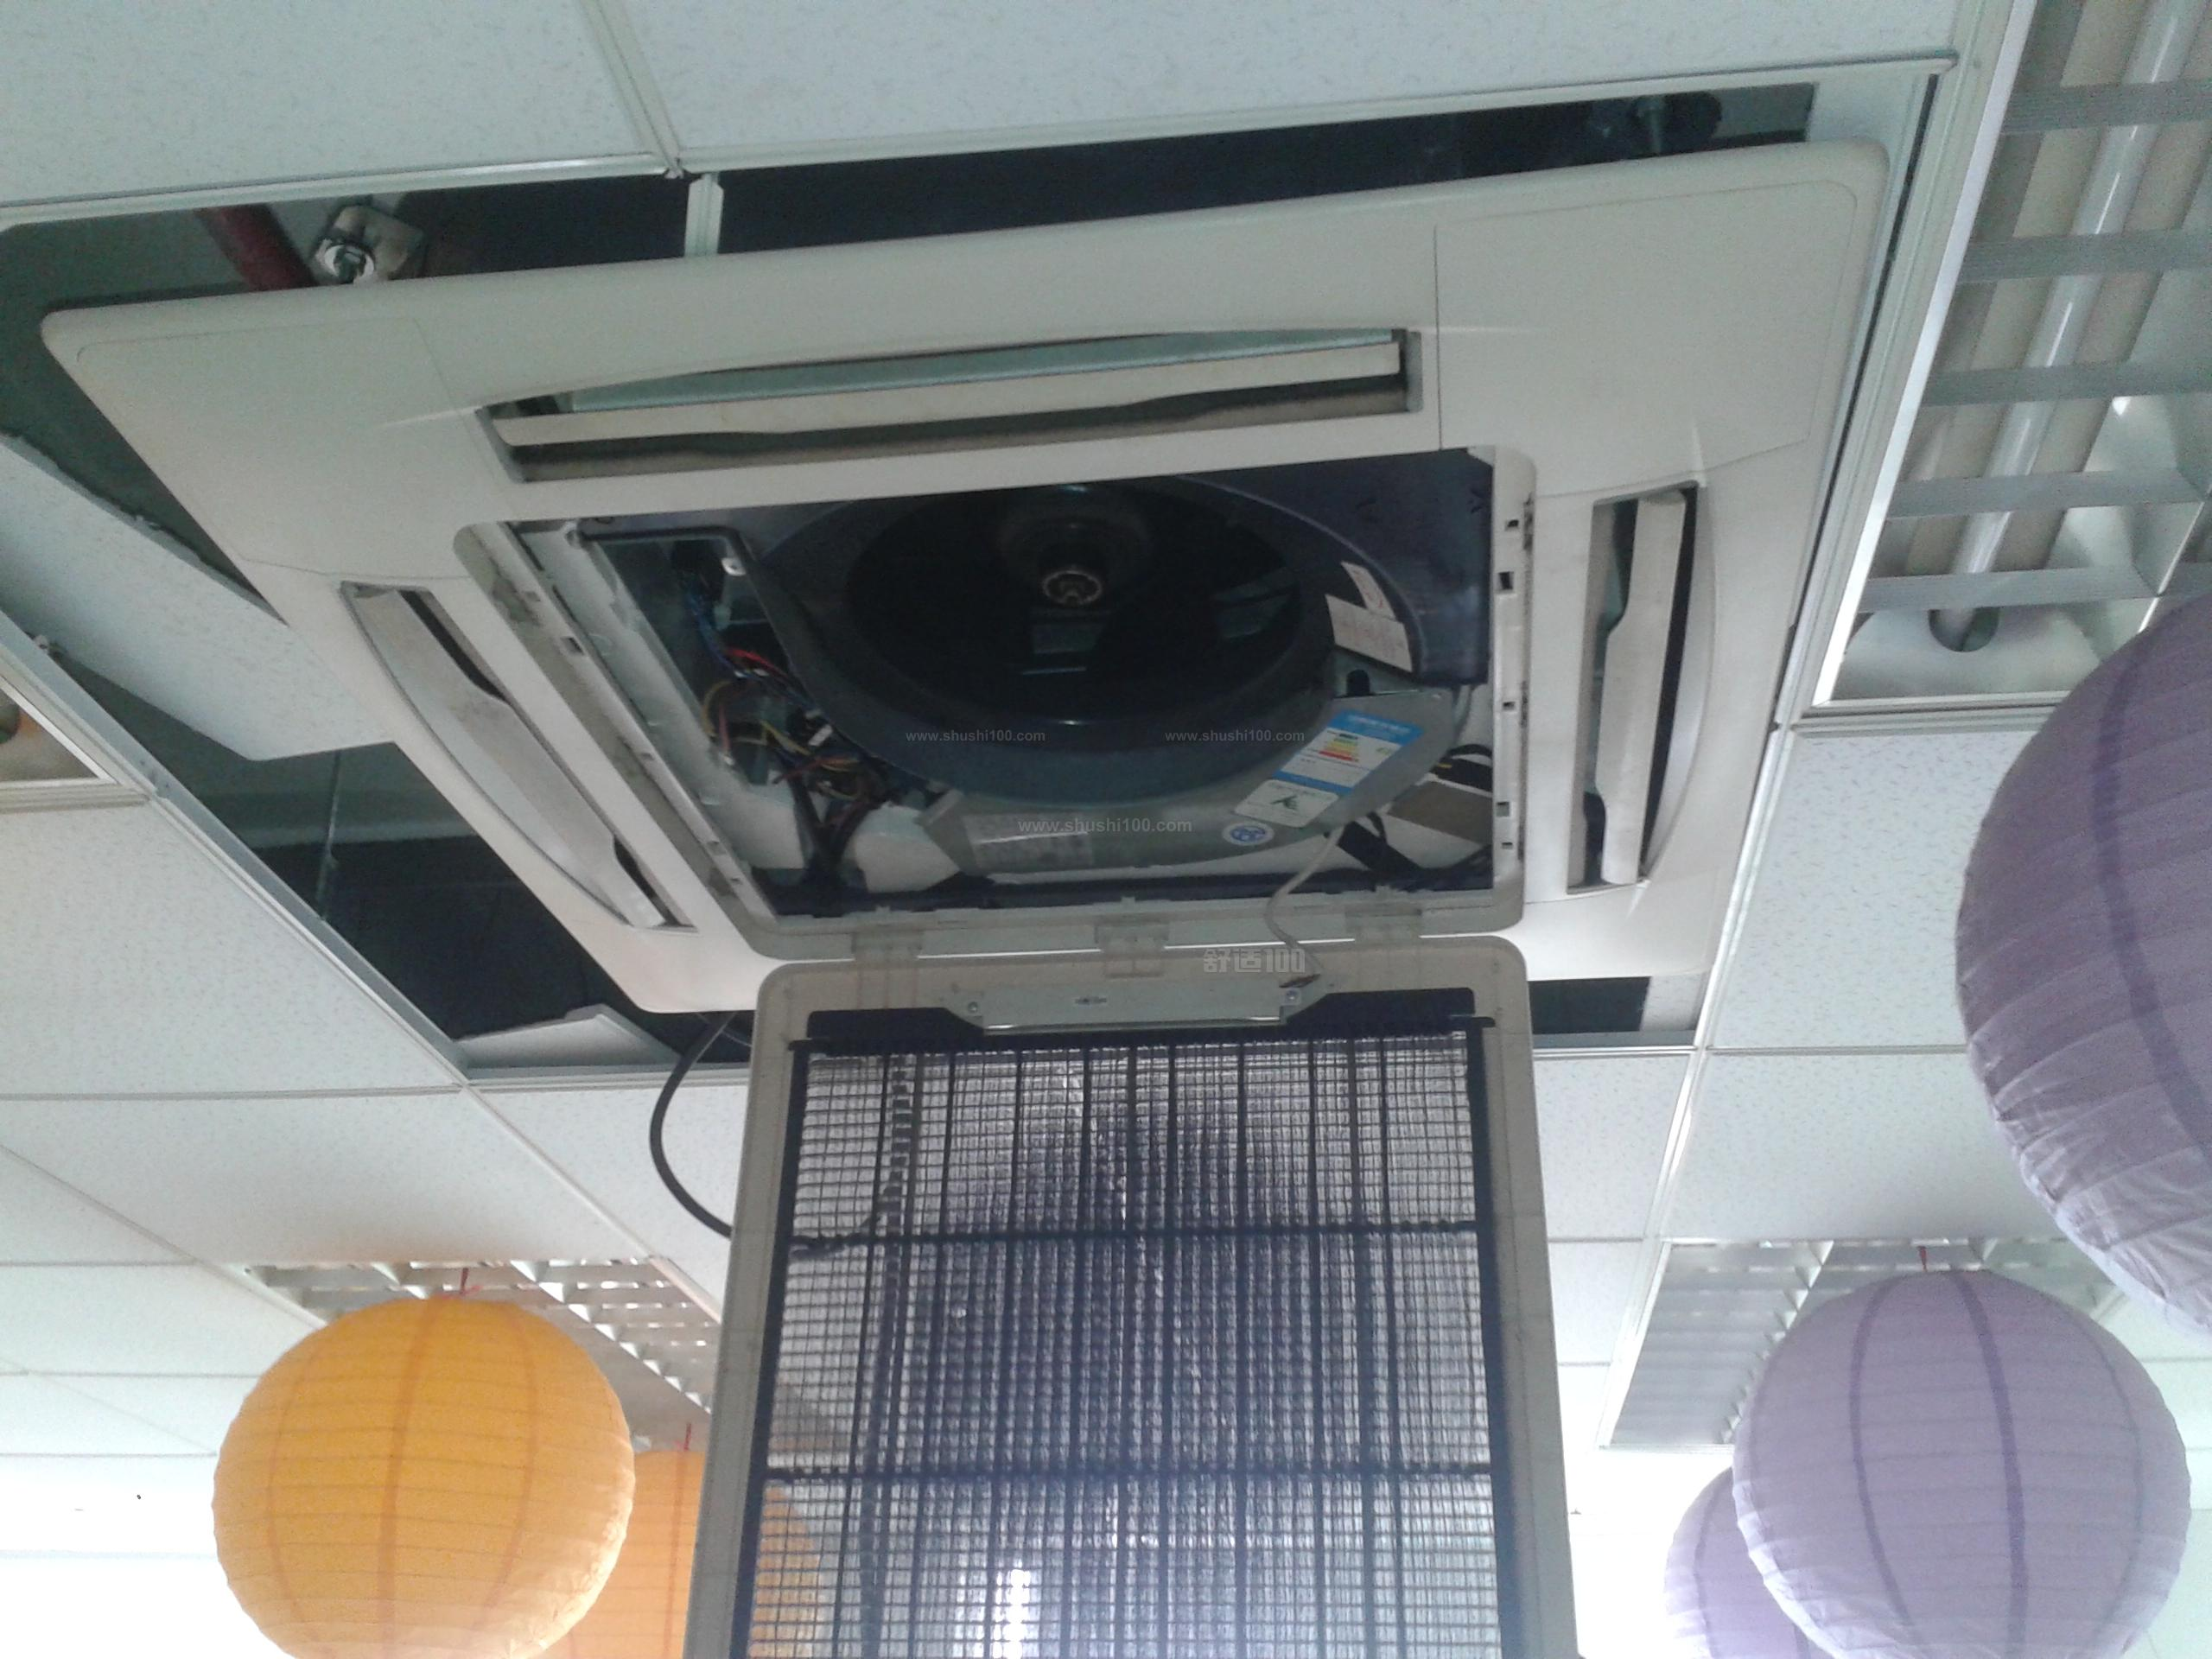 奇瑞a5空调清洗_空调清洗机报价参考,空调清洗机的清洗方法